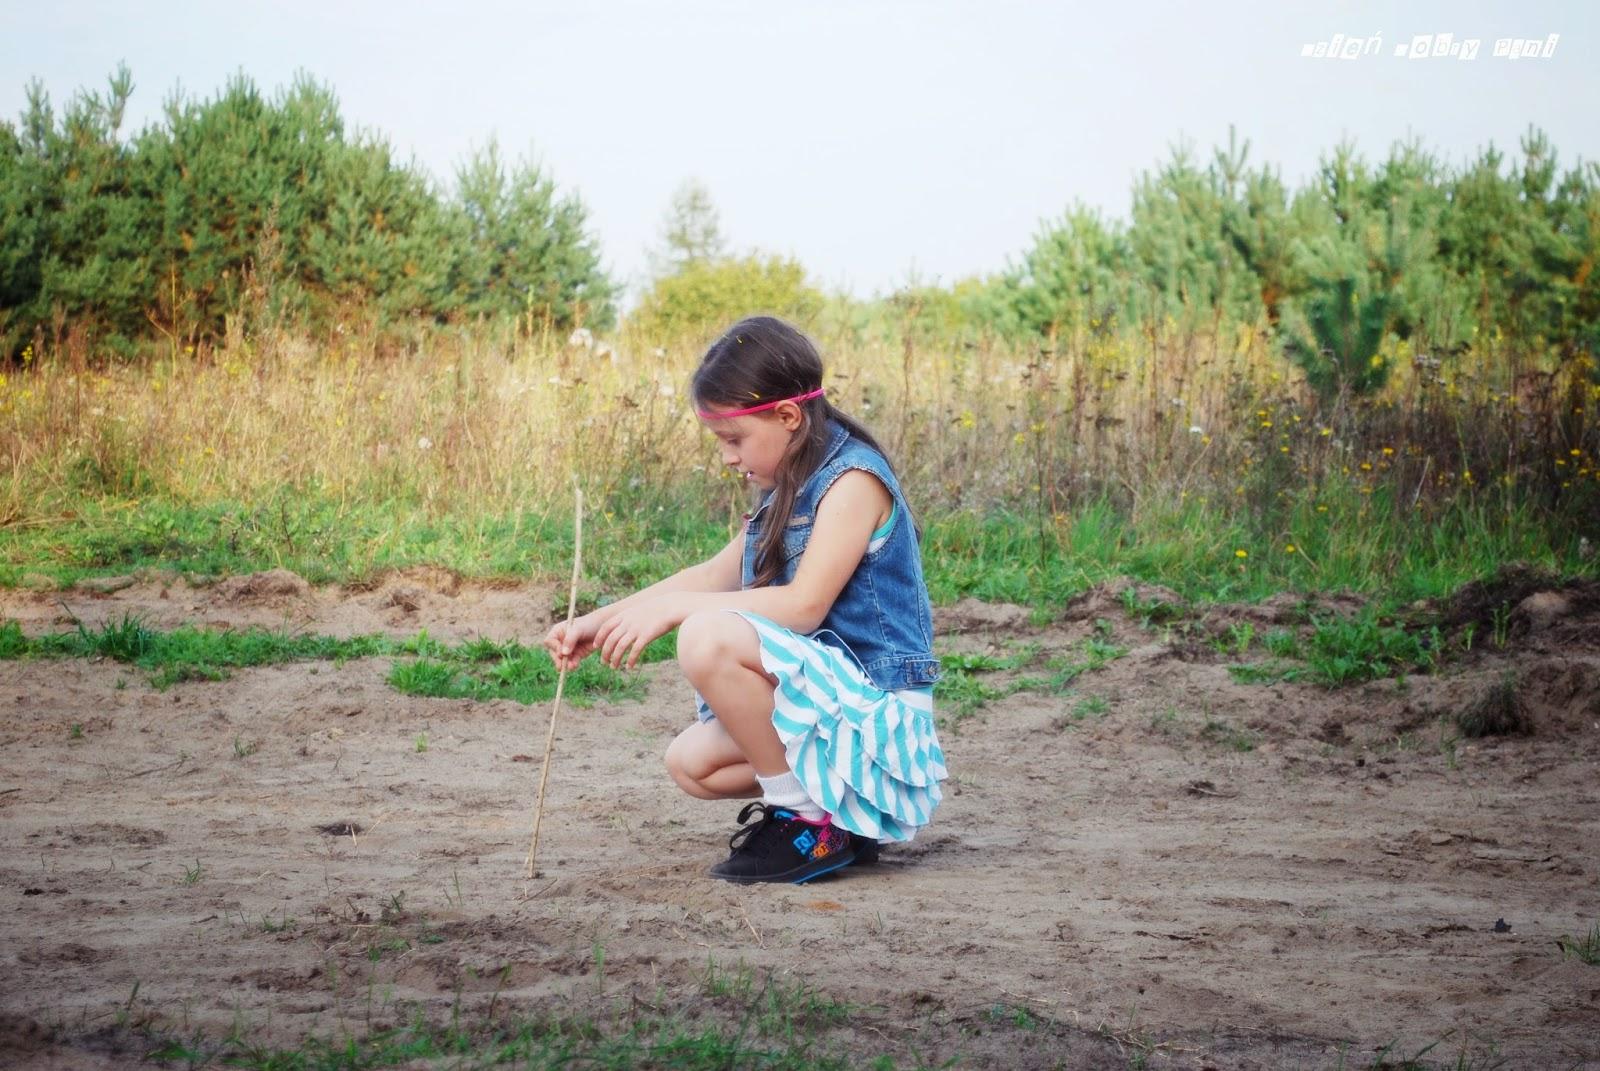 moda dziecięca na blogu